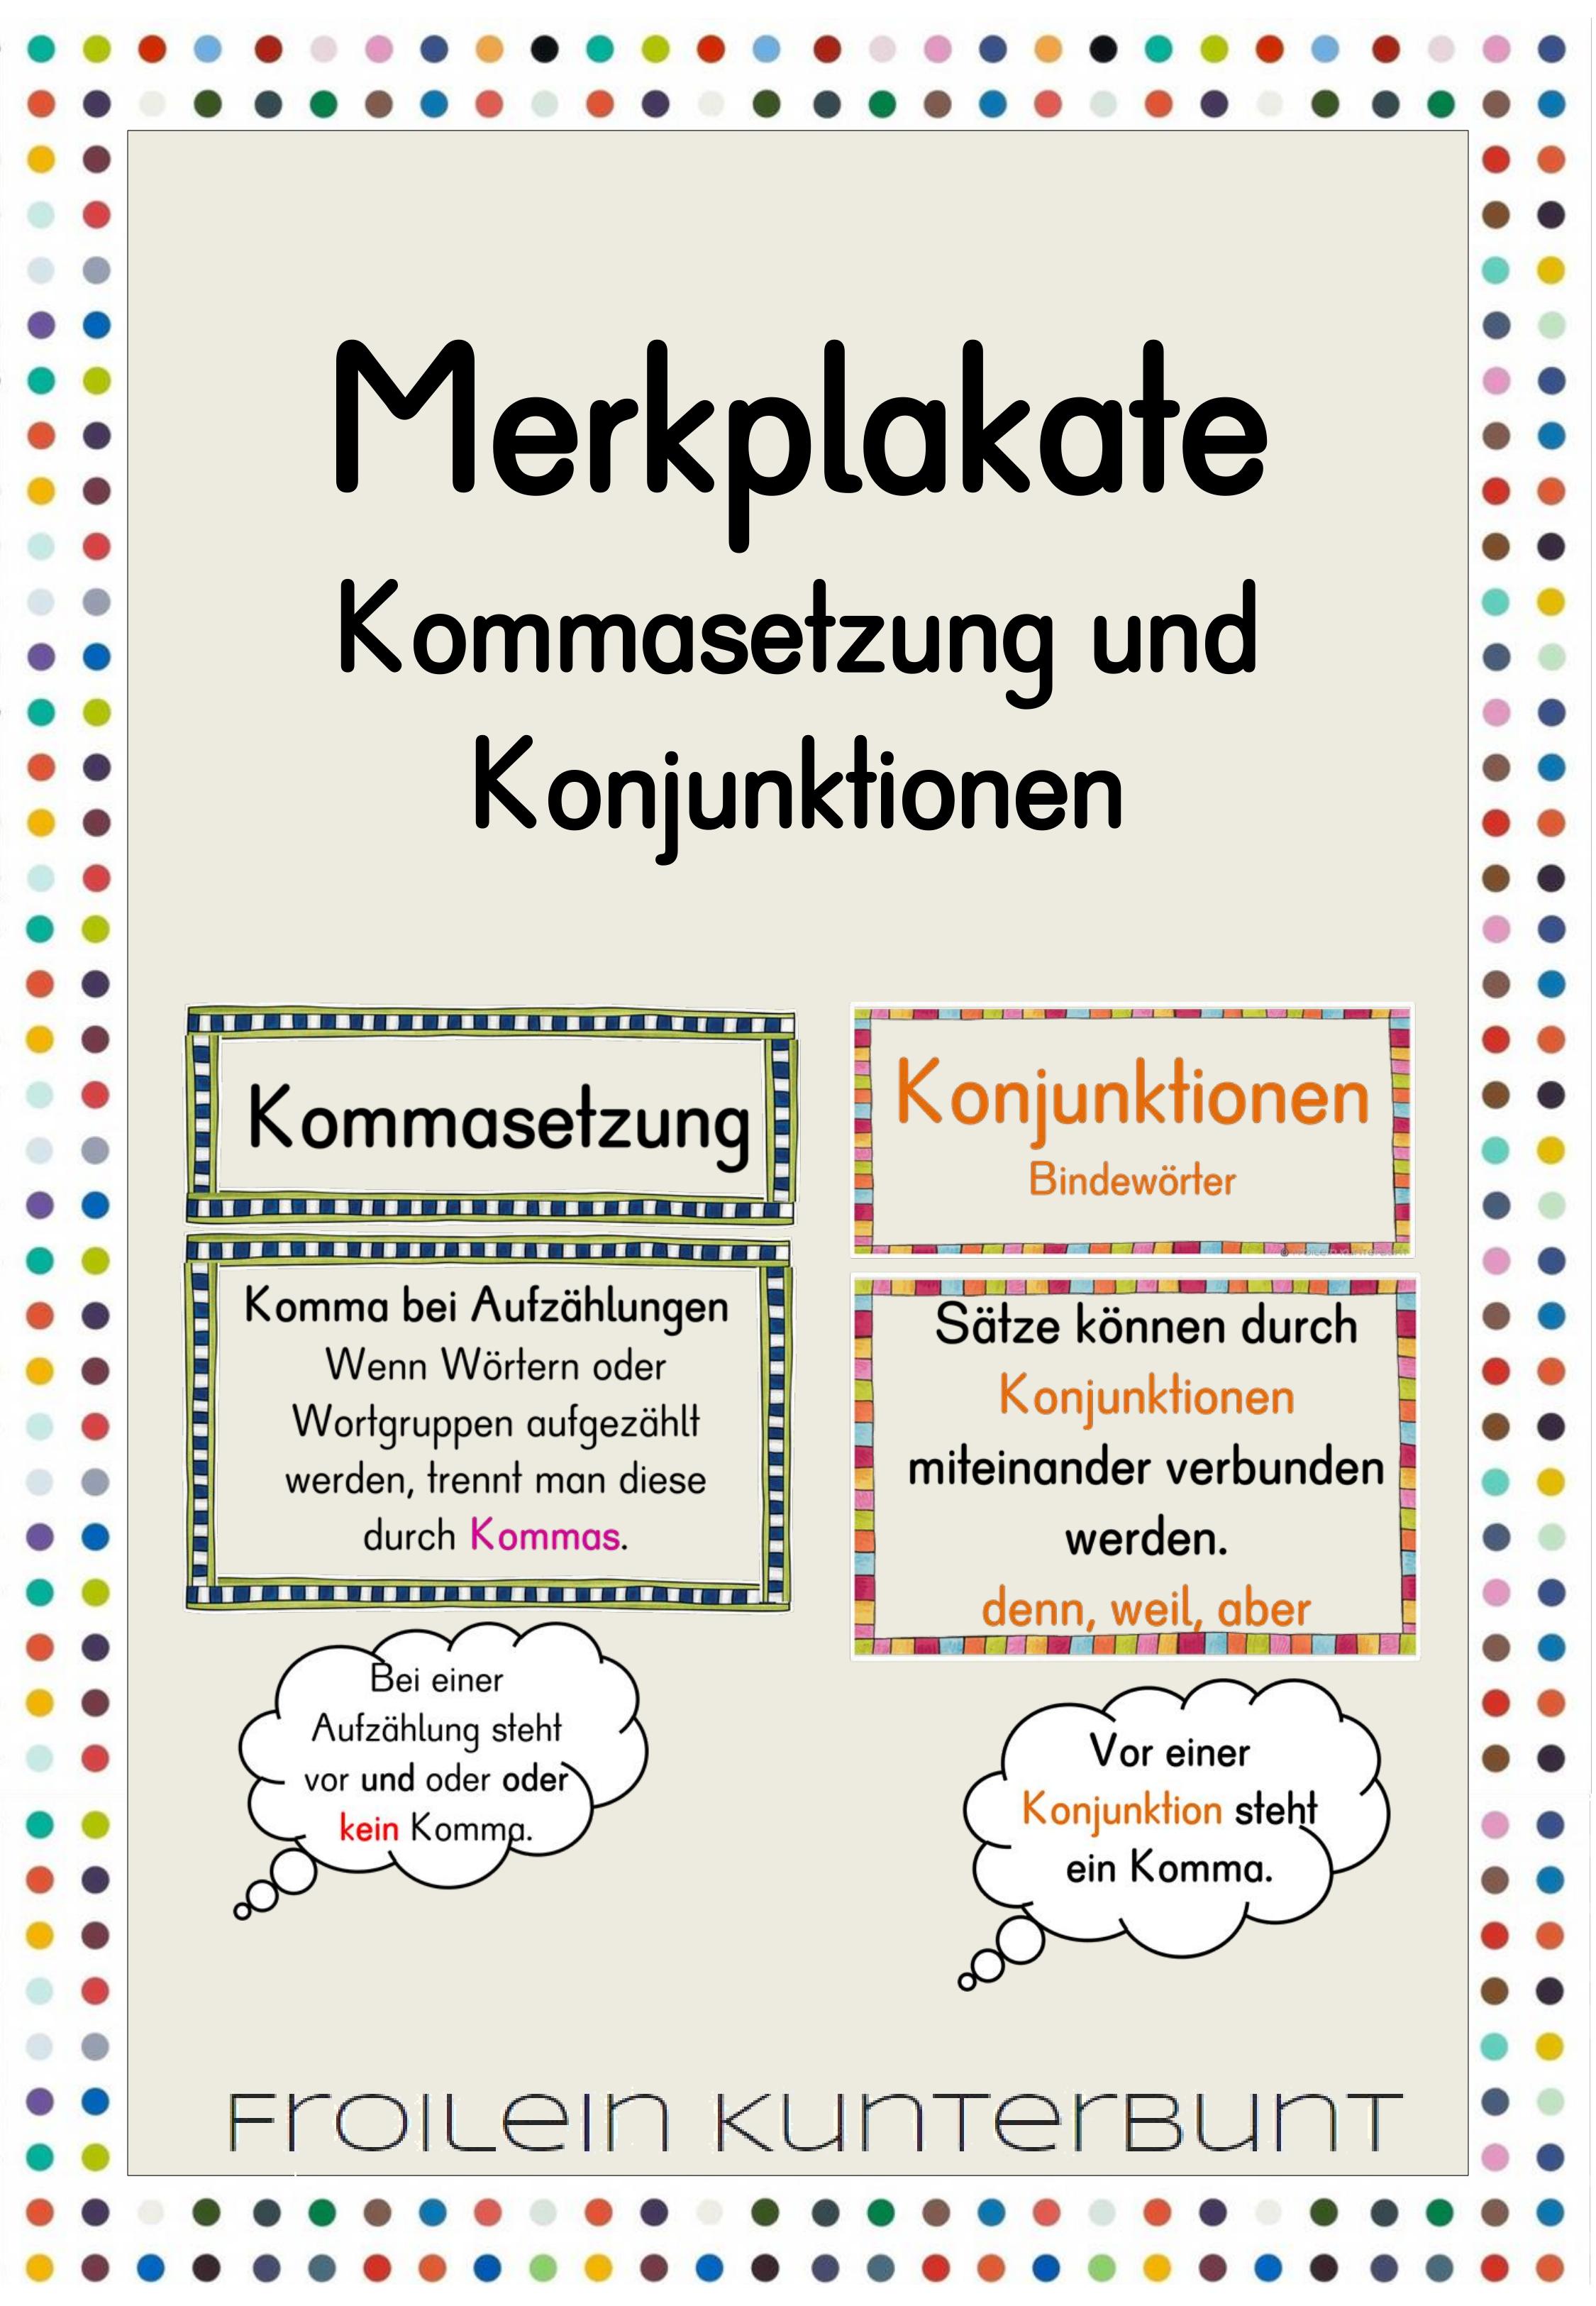 Merkplakate Kommasetzung Und Konjunktionen Unterrichtsmaterial Im Fach Deutsch Kommasetzung Konjunktionen Konjunktionen Deutsch